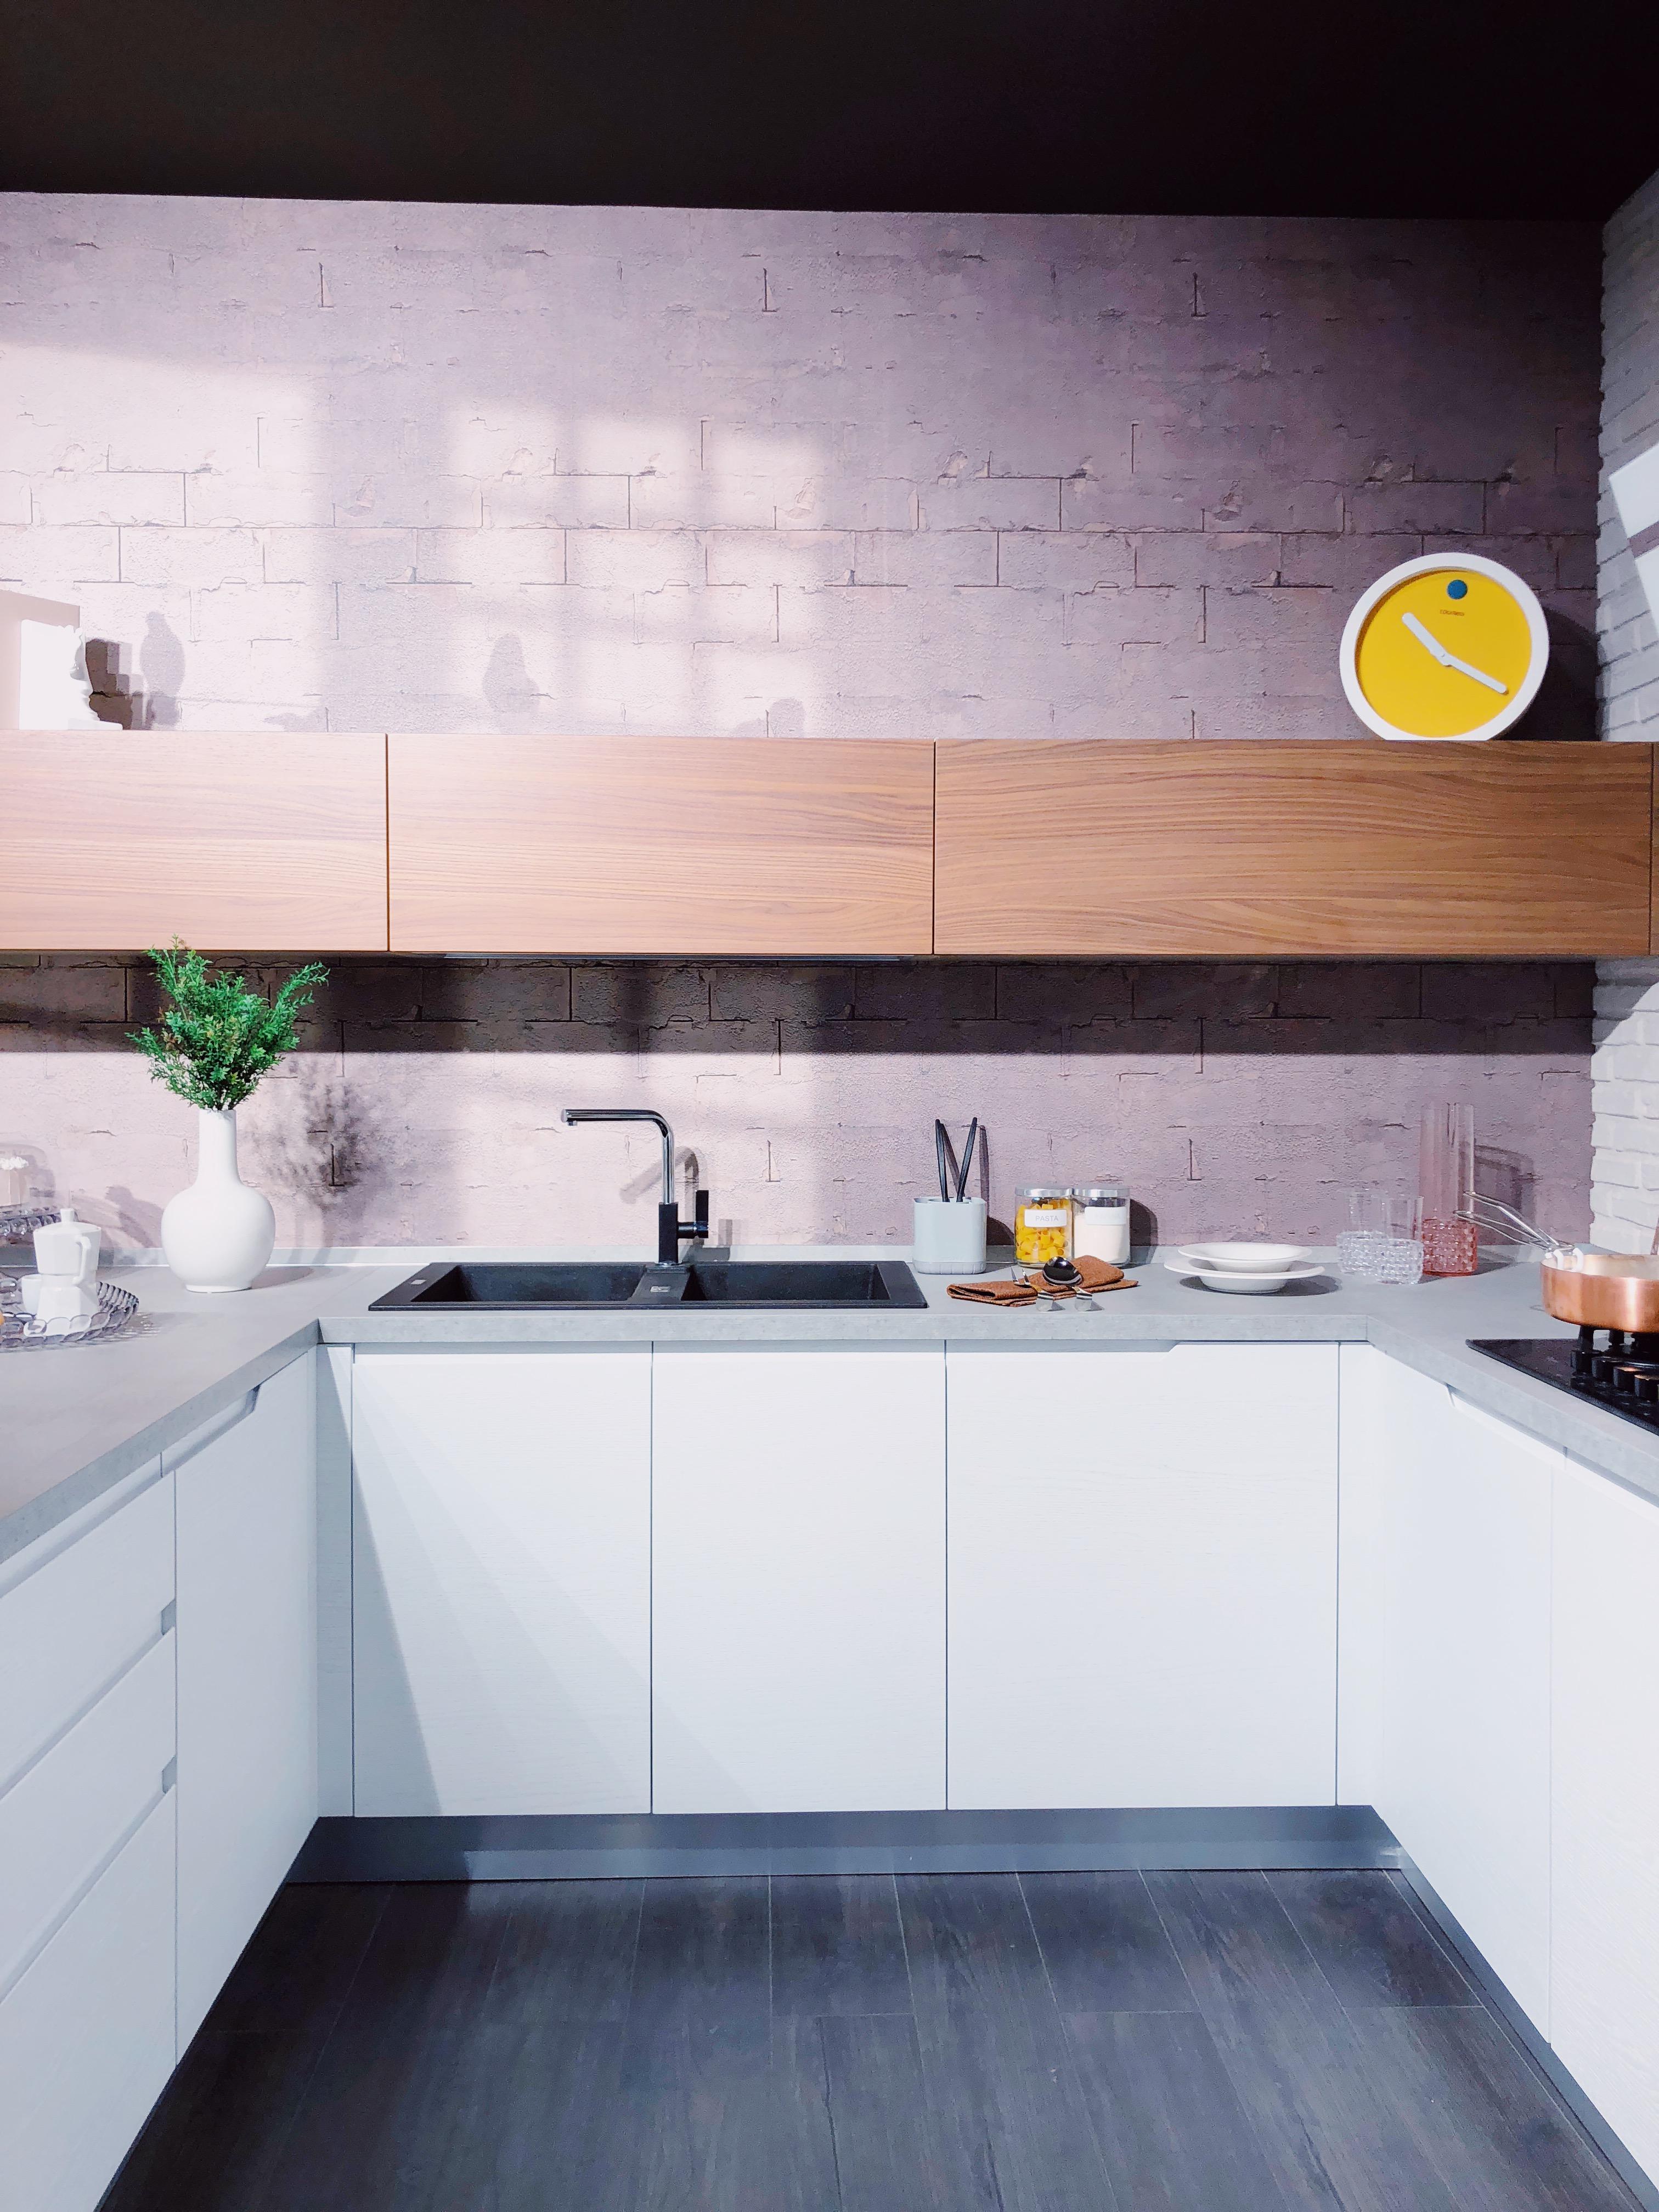 Gambula holiday gift guide 15 oggetti di design per la for Oggetti per cucina moderna